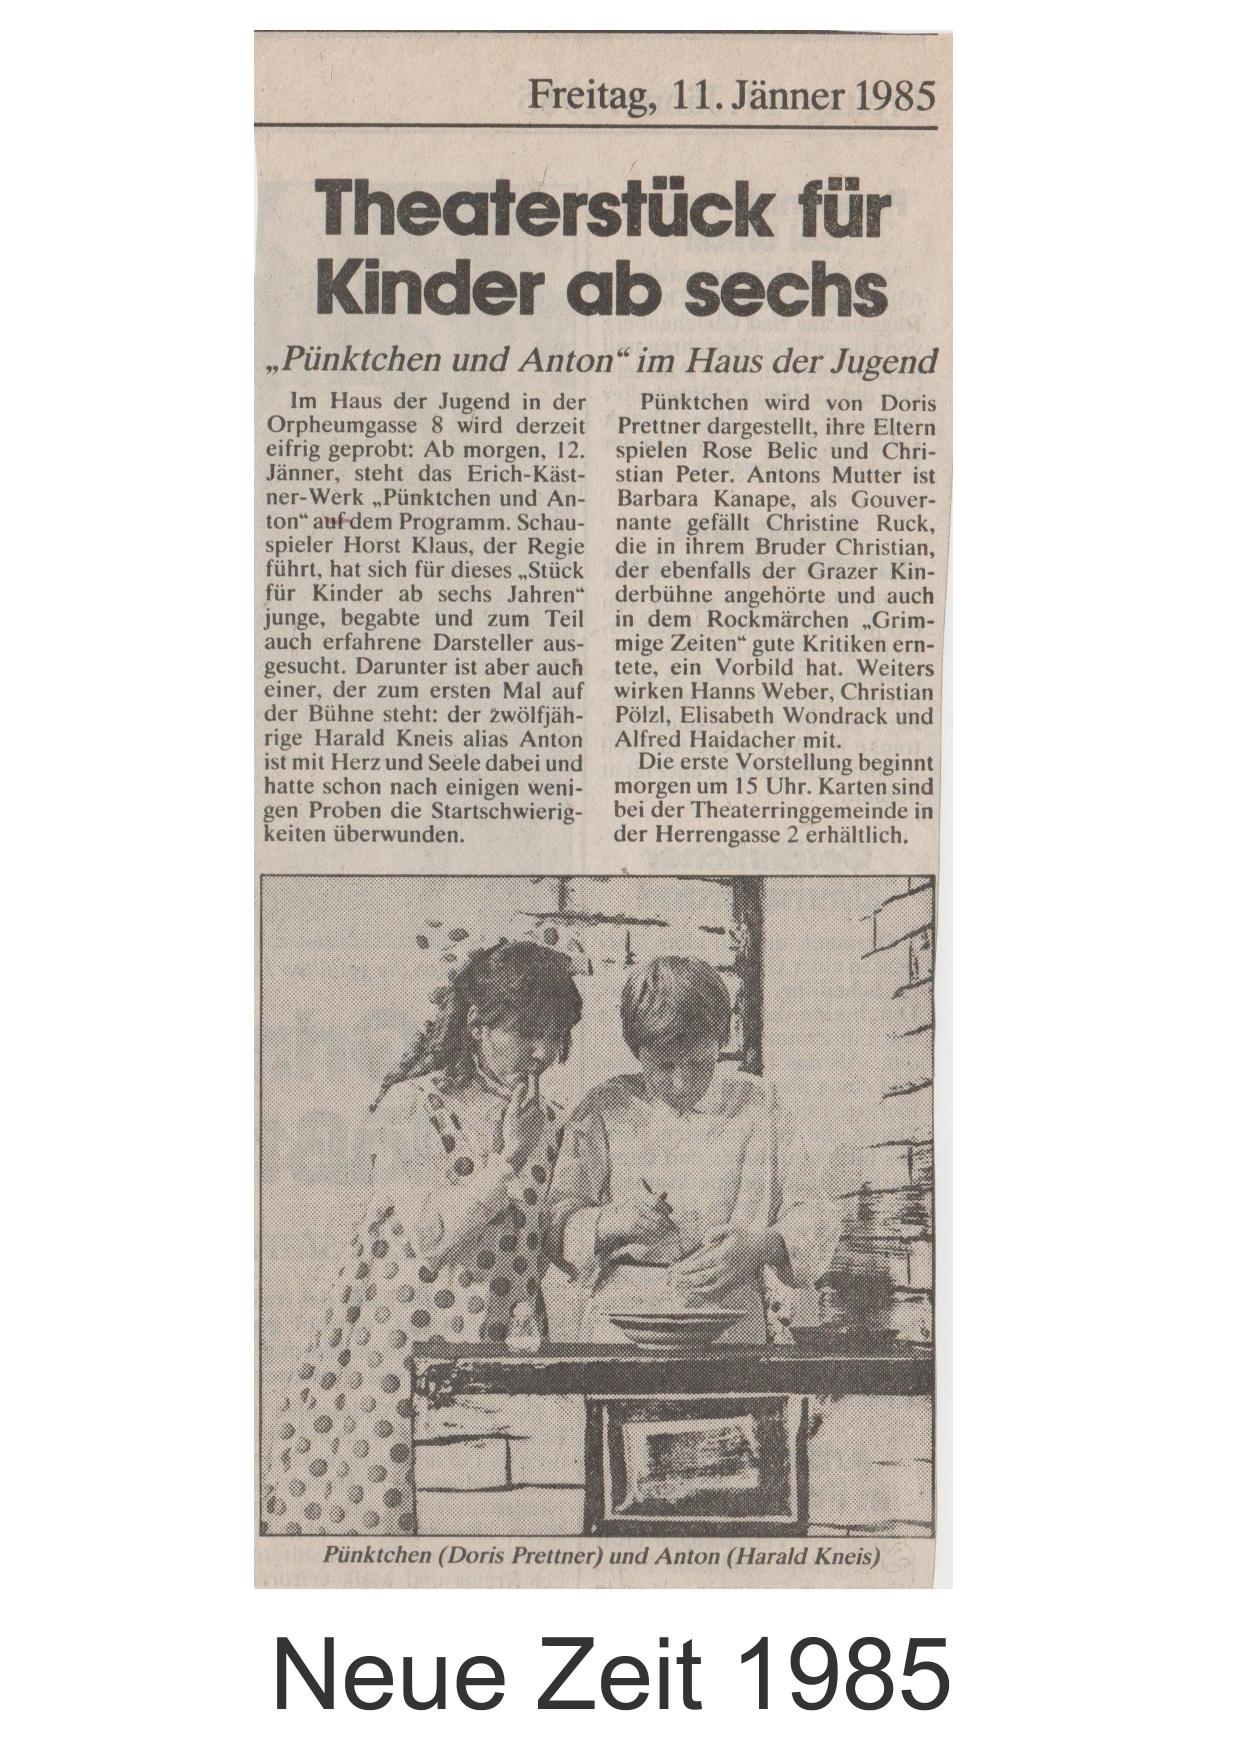 Pünktchen und Anton 1985